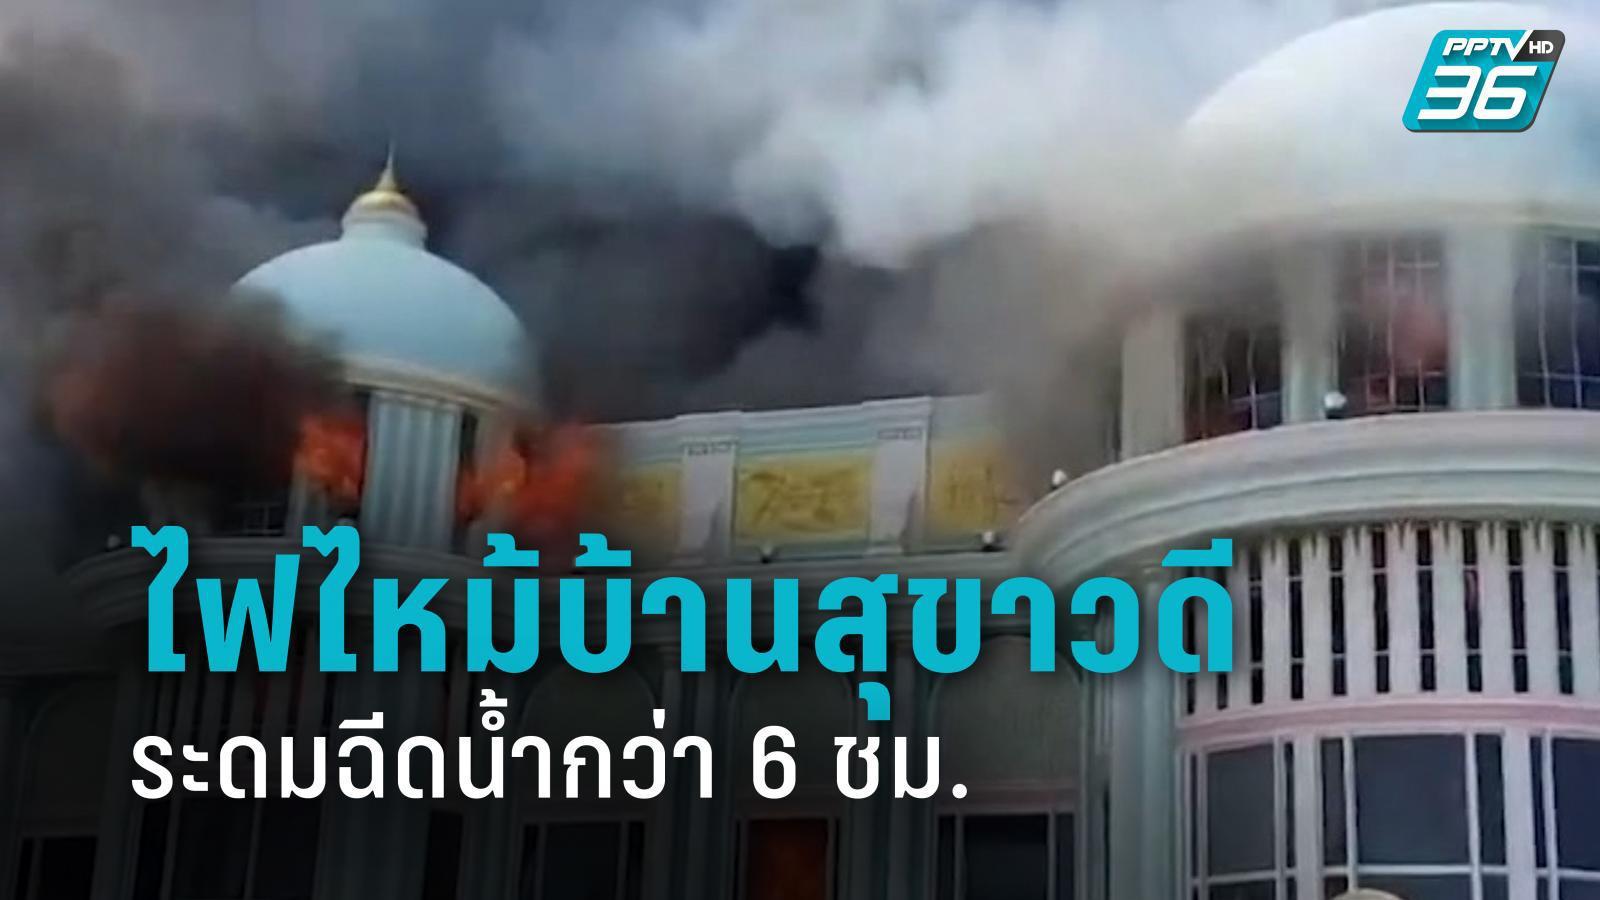 ไฟไหม้บ้านสุขาวดี ระดมฉีดน้ำกว่า 6 ชม. ไฟยังไม่ดับสนิท